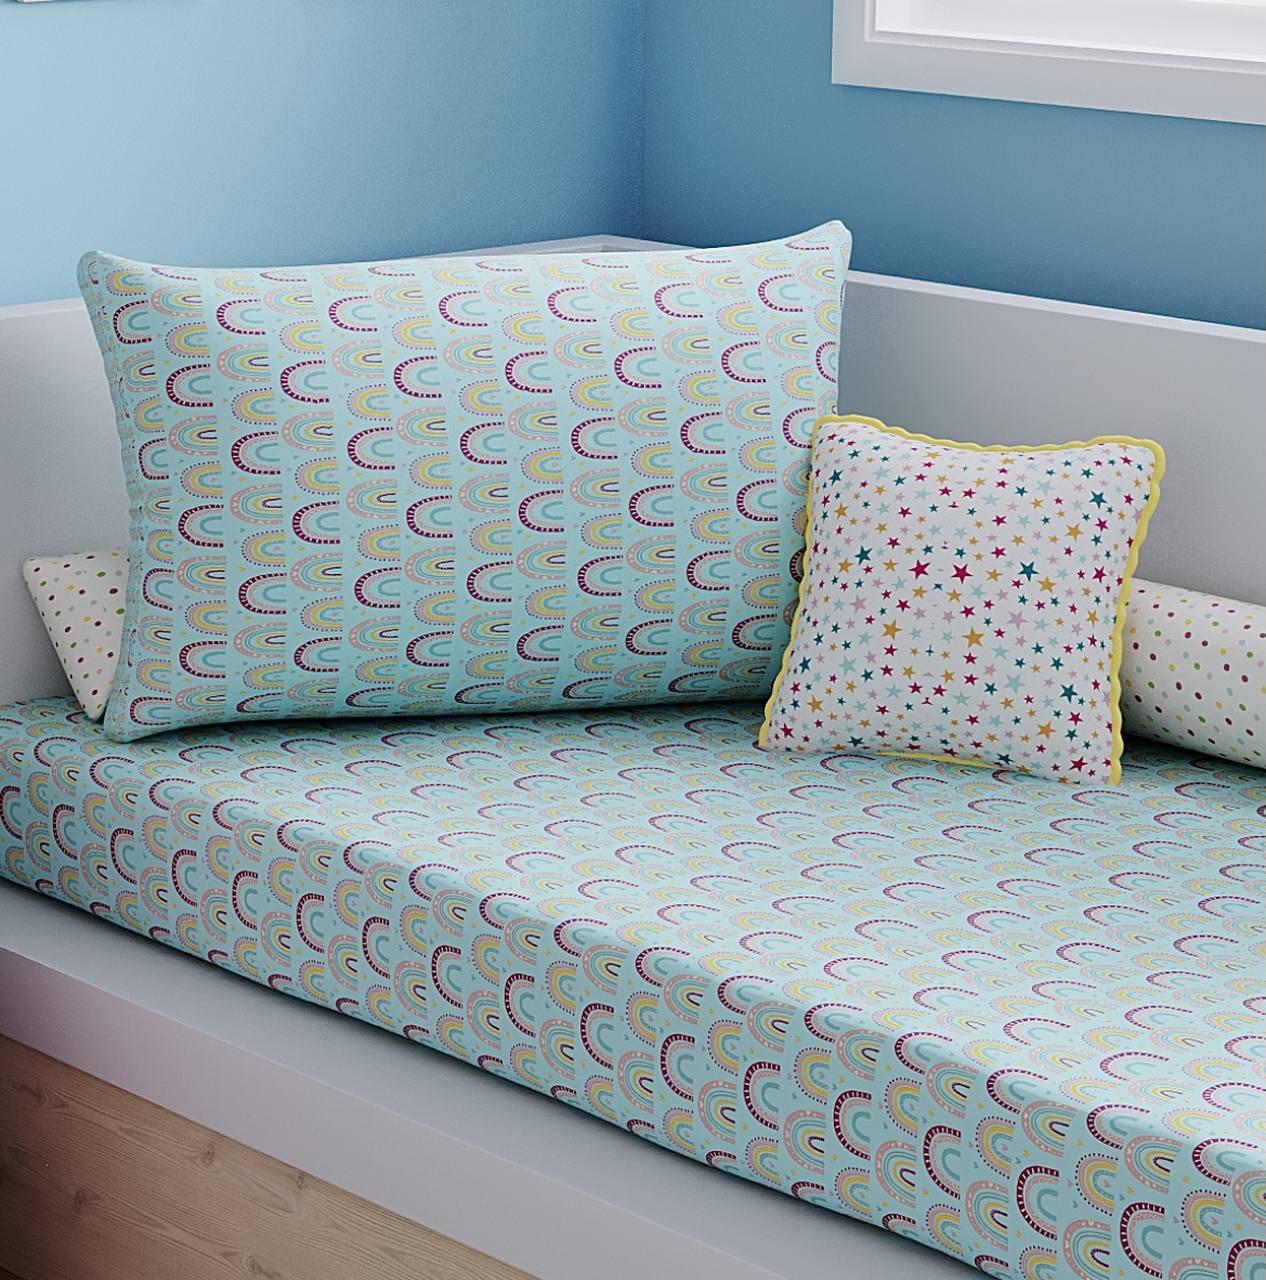 Jogo de lençol solteiro 100% algodão arco íris azul